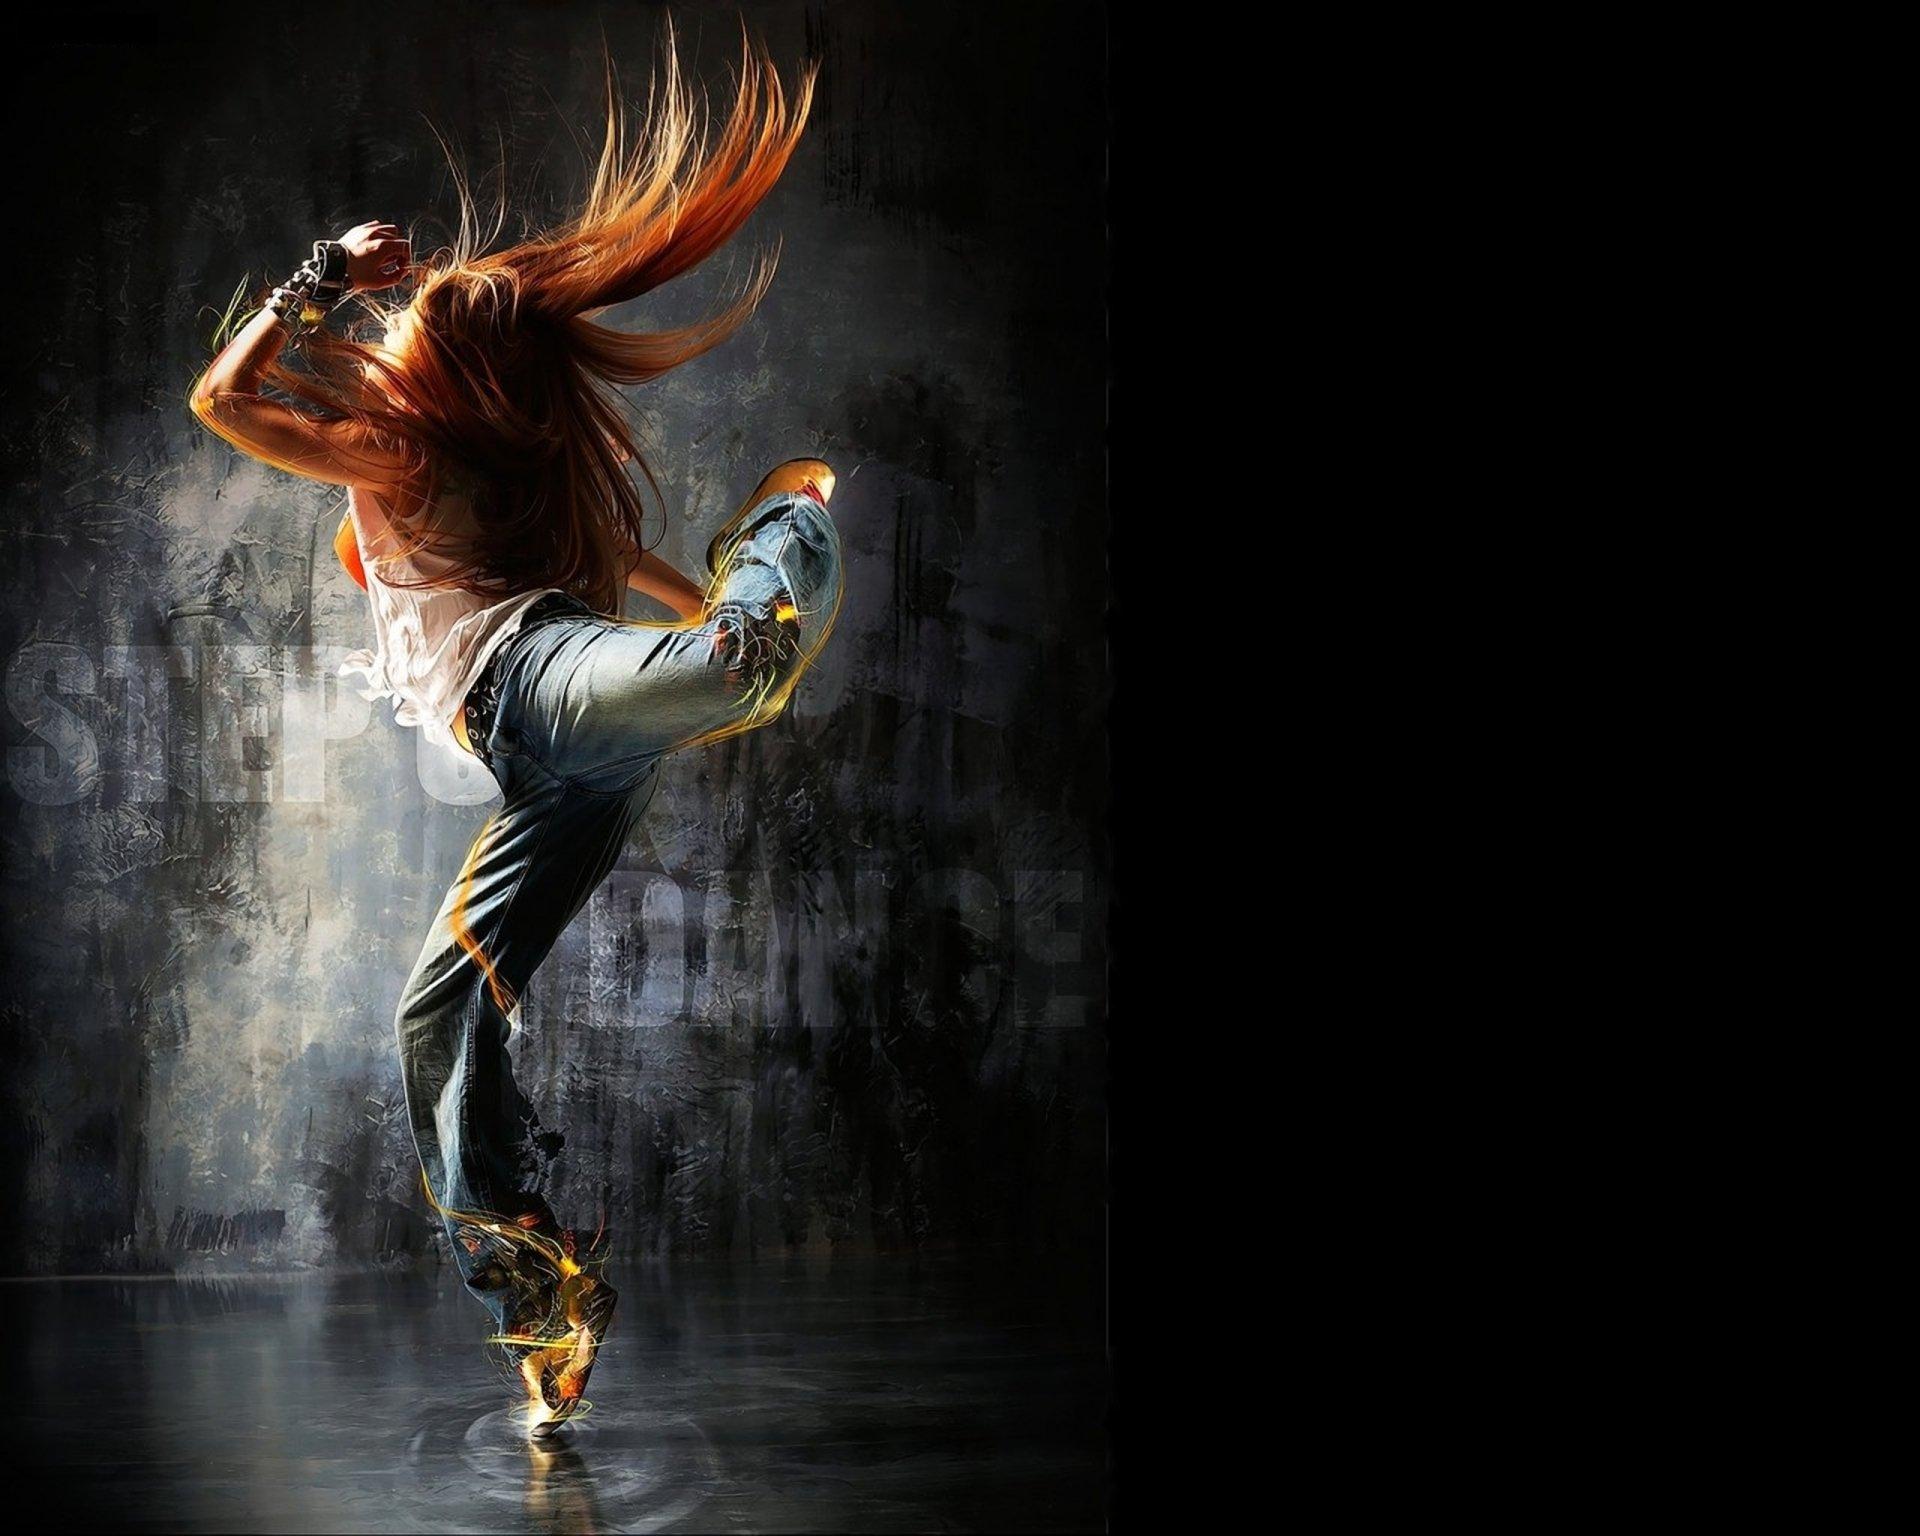 Ручной работы, картинки танцующая девушка